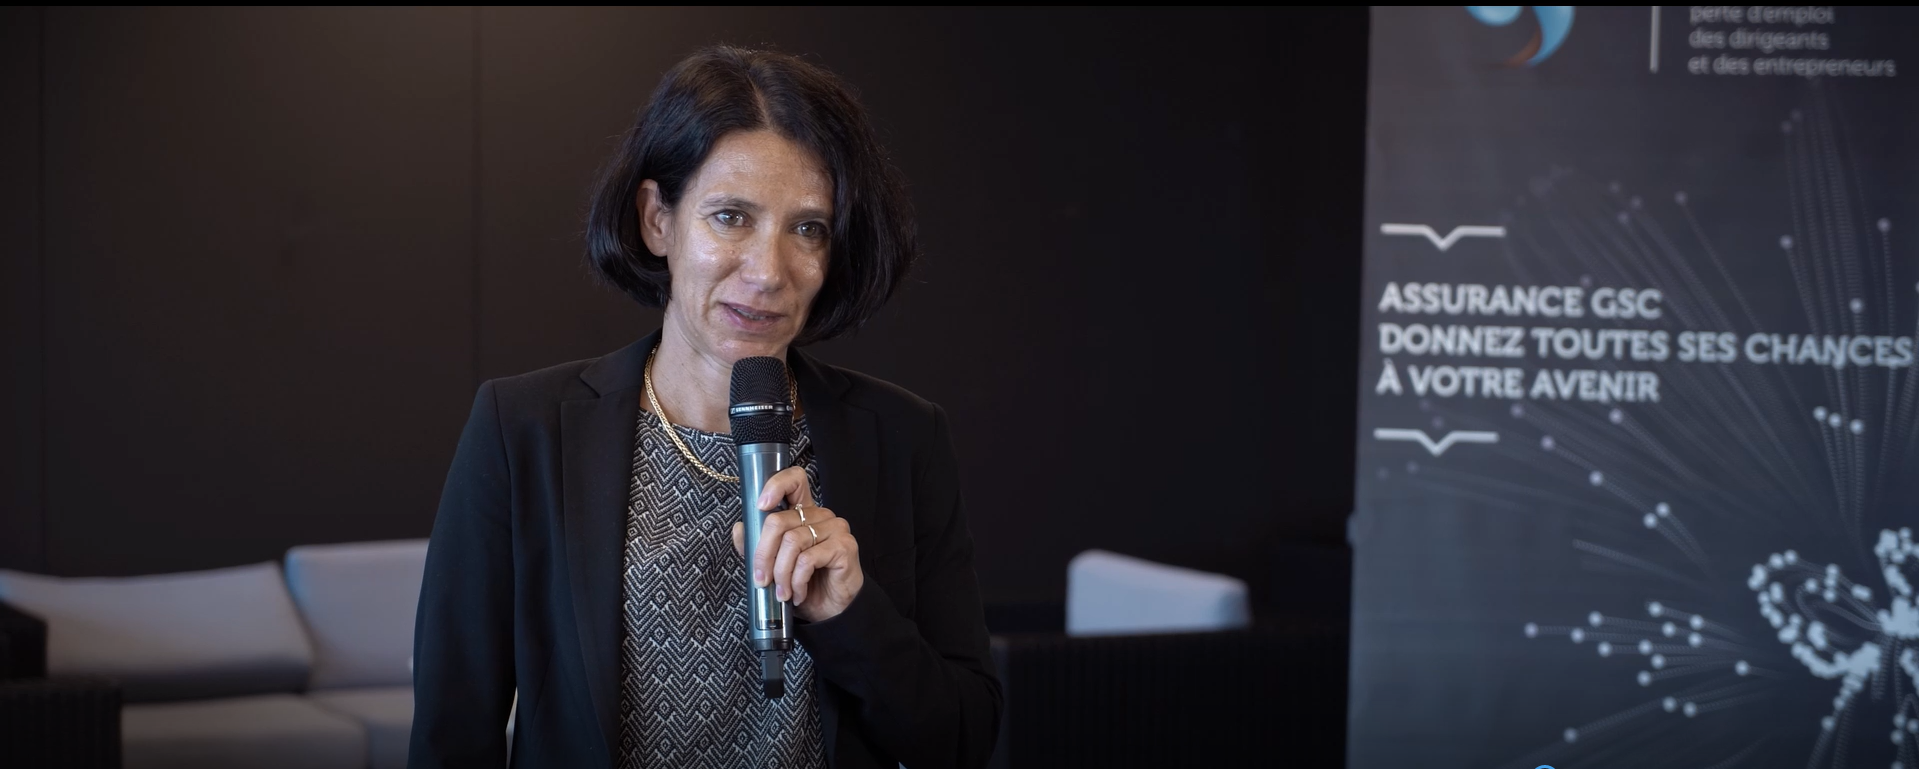 Paroles d'entrepreneurs – Laure Bignon